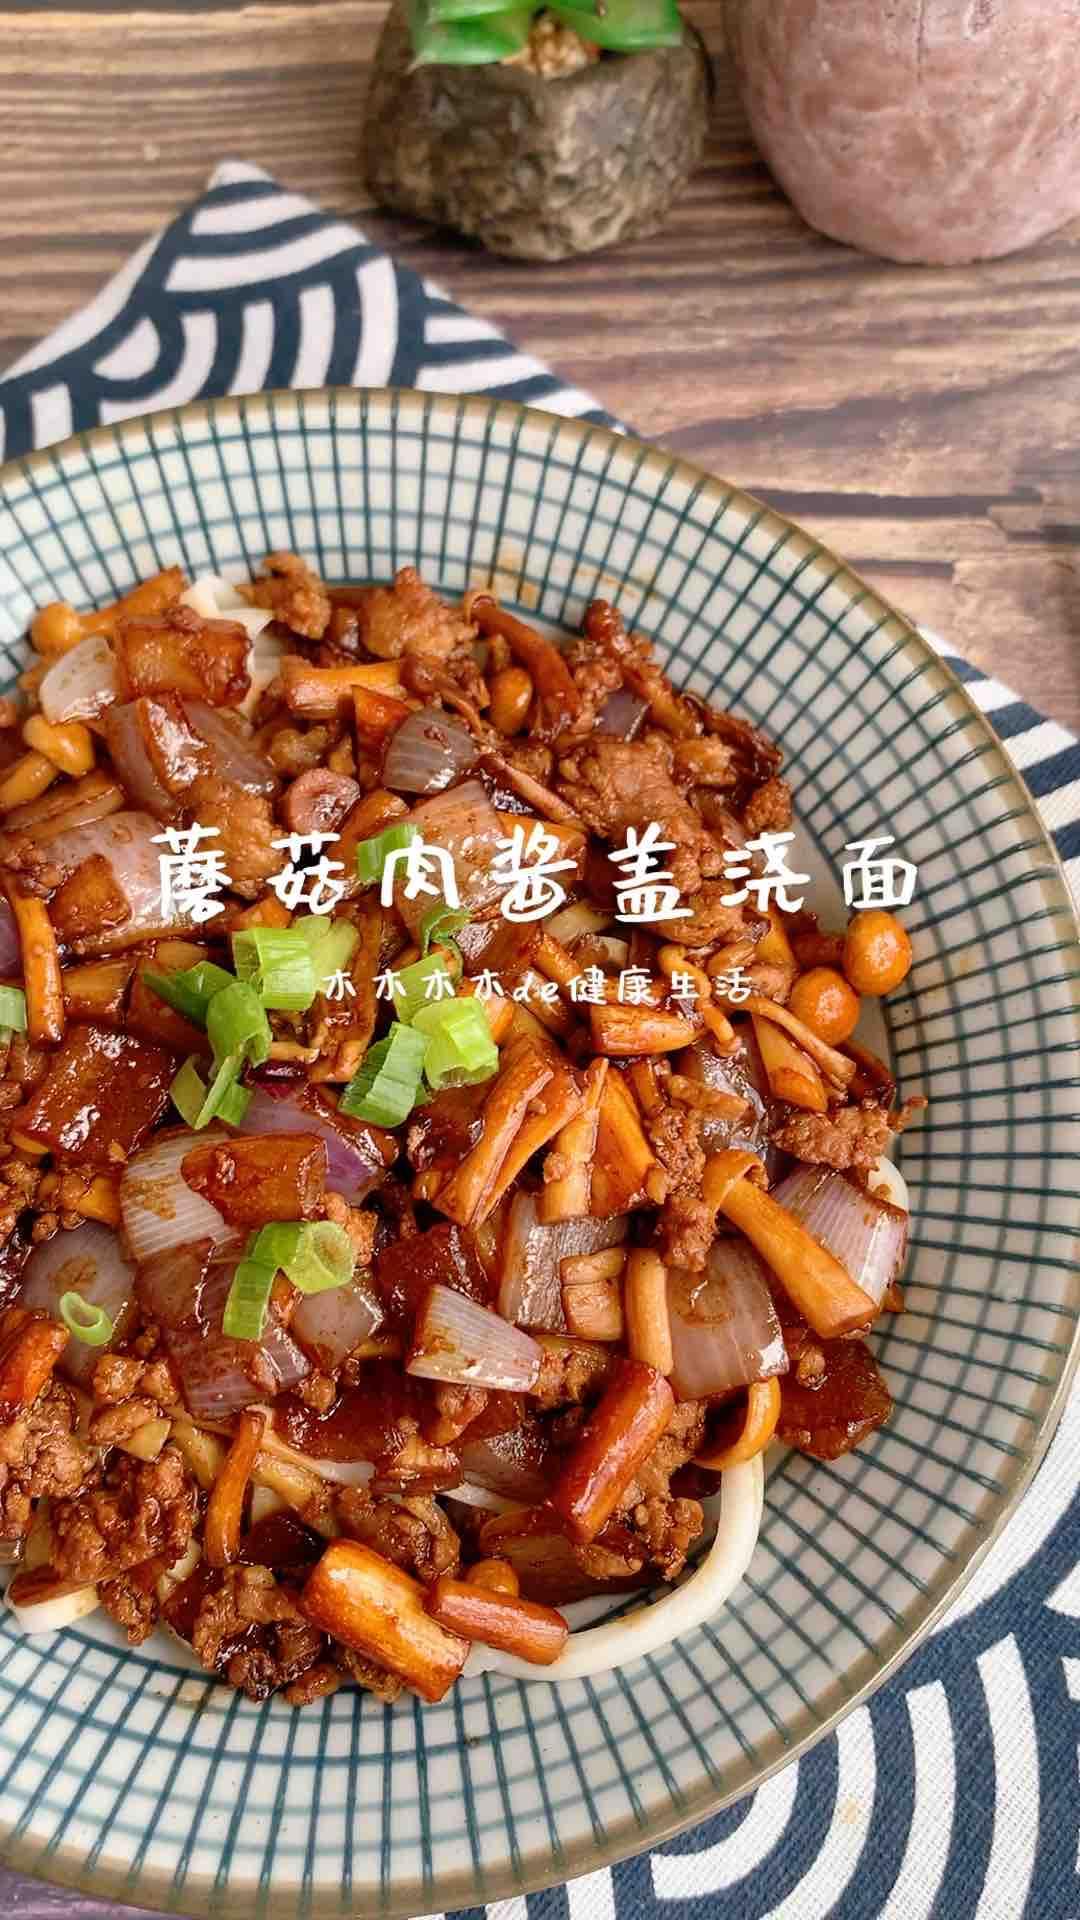 超好吃的蘑菇肉酱盖浇饭的做法